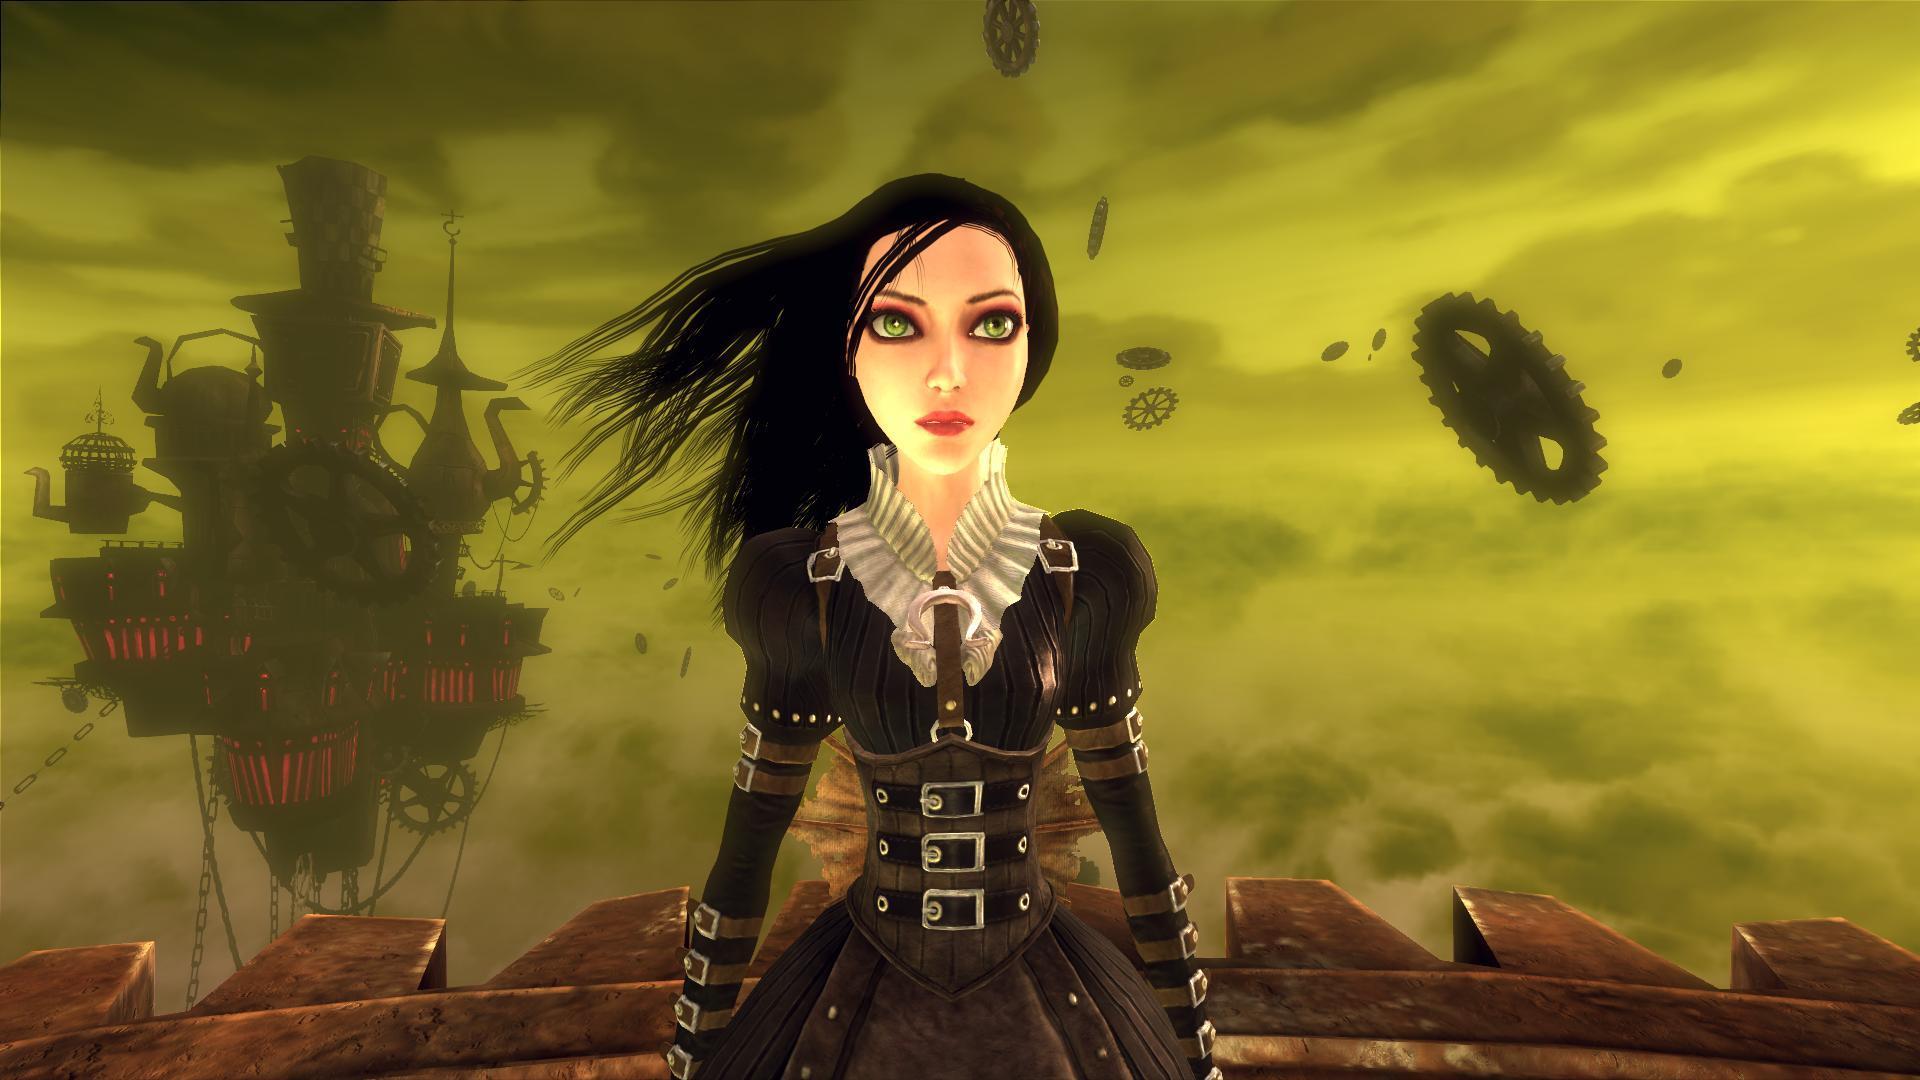 20456 télécharger le fond d'écran Jeux, Alice: Madness Returns - économiseurs d'écran et images gratuitement